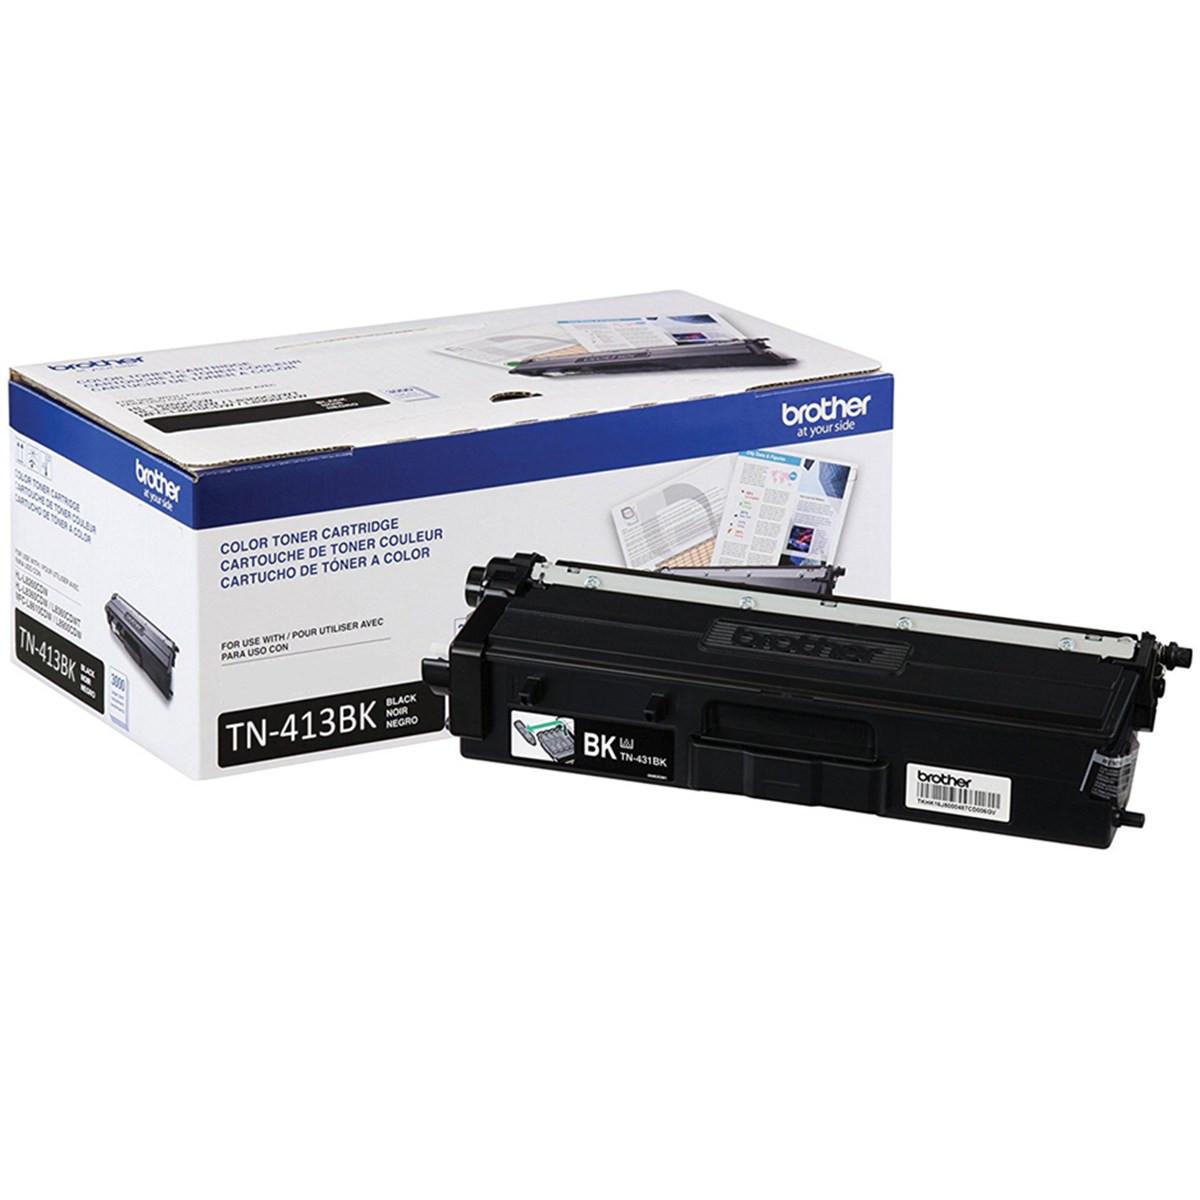 Toner Brother TN-413BK Preto   HL-L8360CDW MFC-L8610CDW MFC-L8900CDW MFC-L9570CDW   Original 4.5k